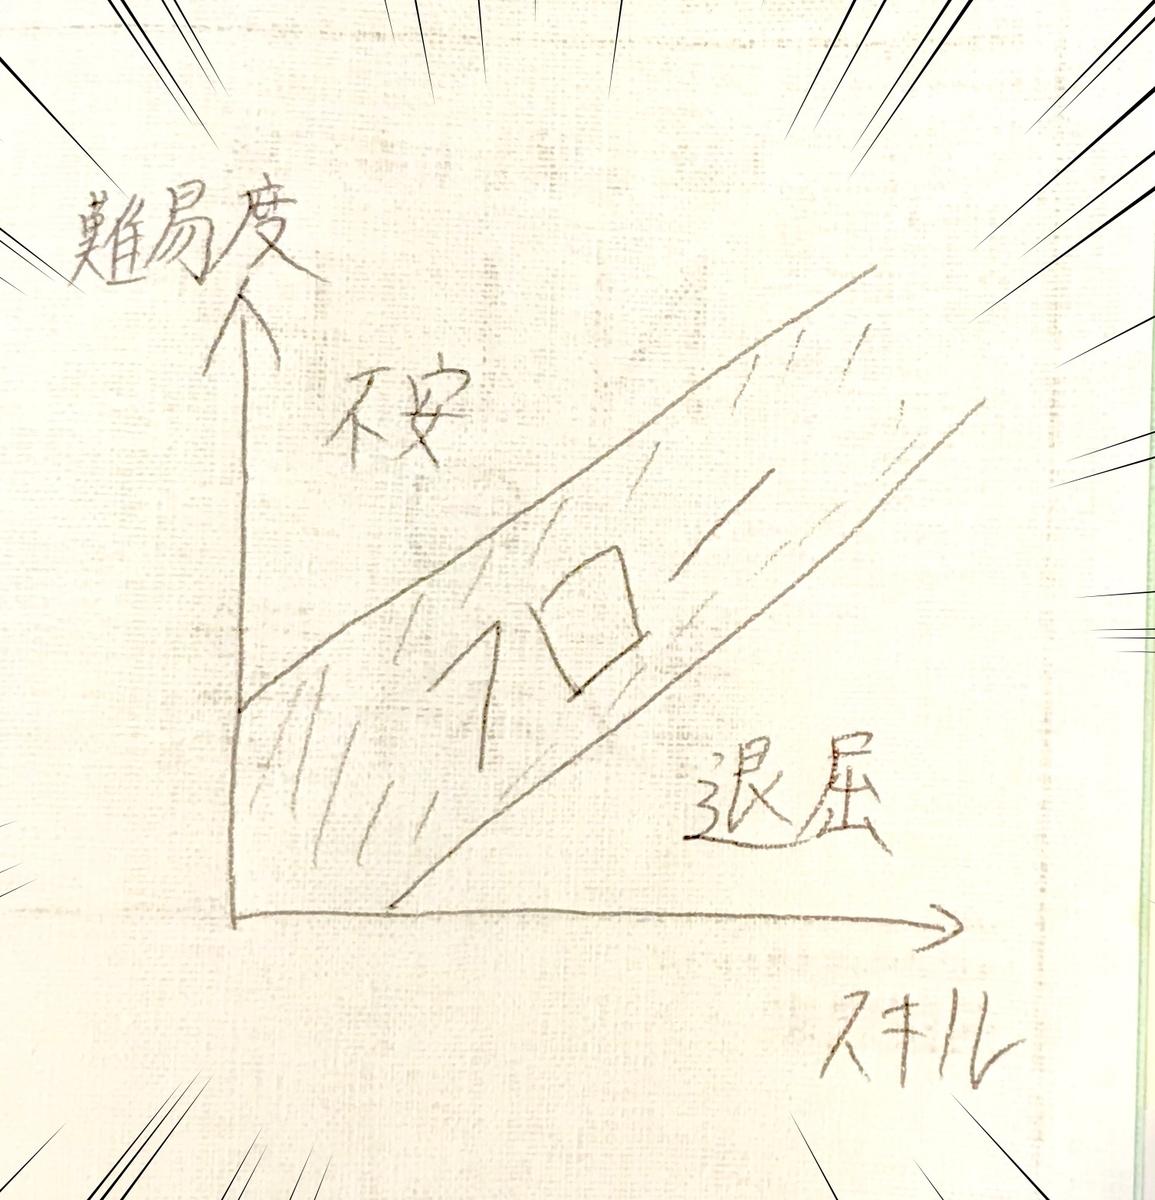 f:id:kazuma3451:20190414150757j:plain